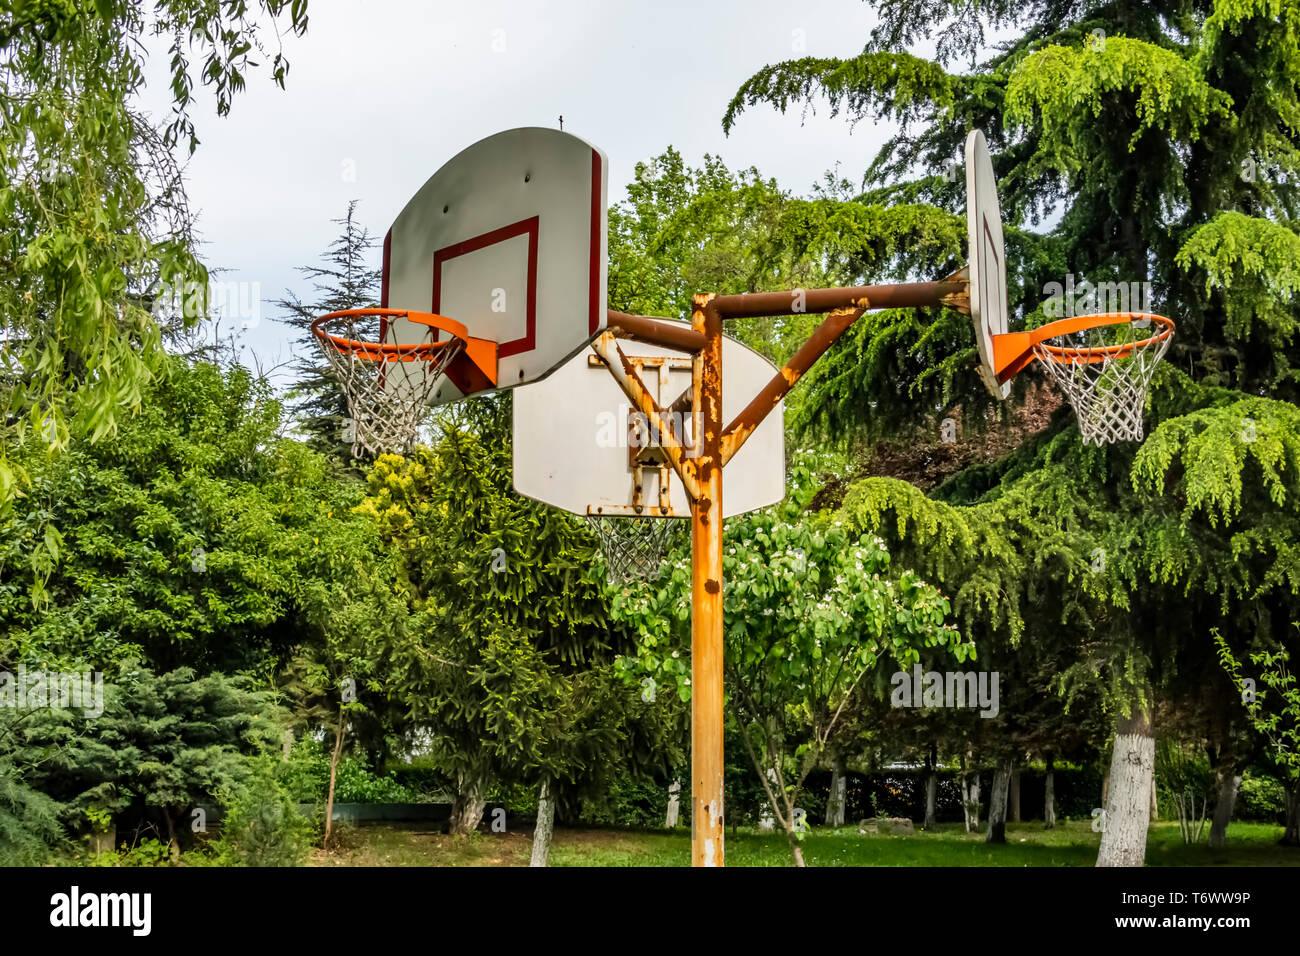 Basketball Court In Public Park Stock Photos & Basketball